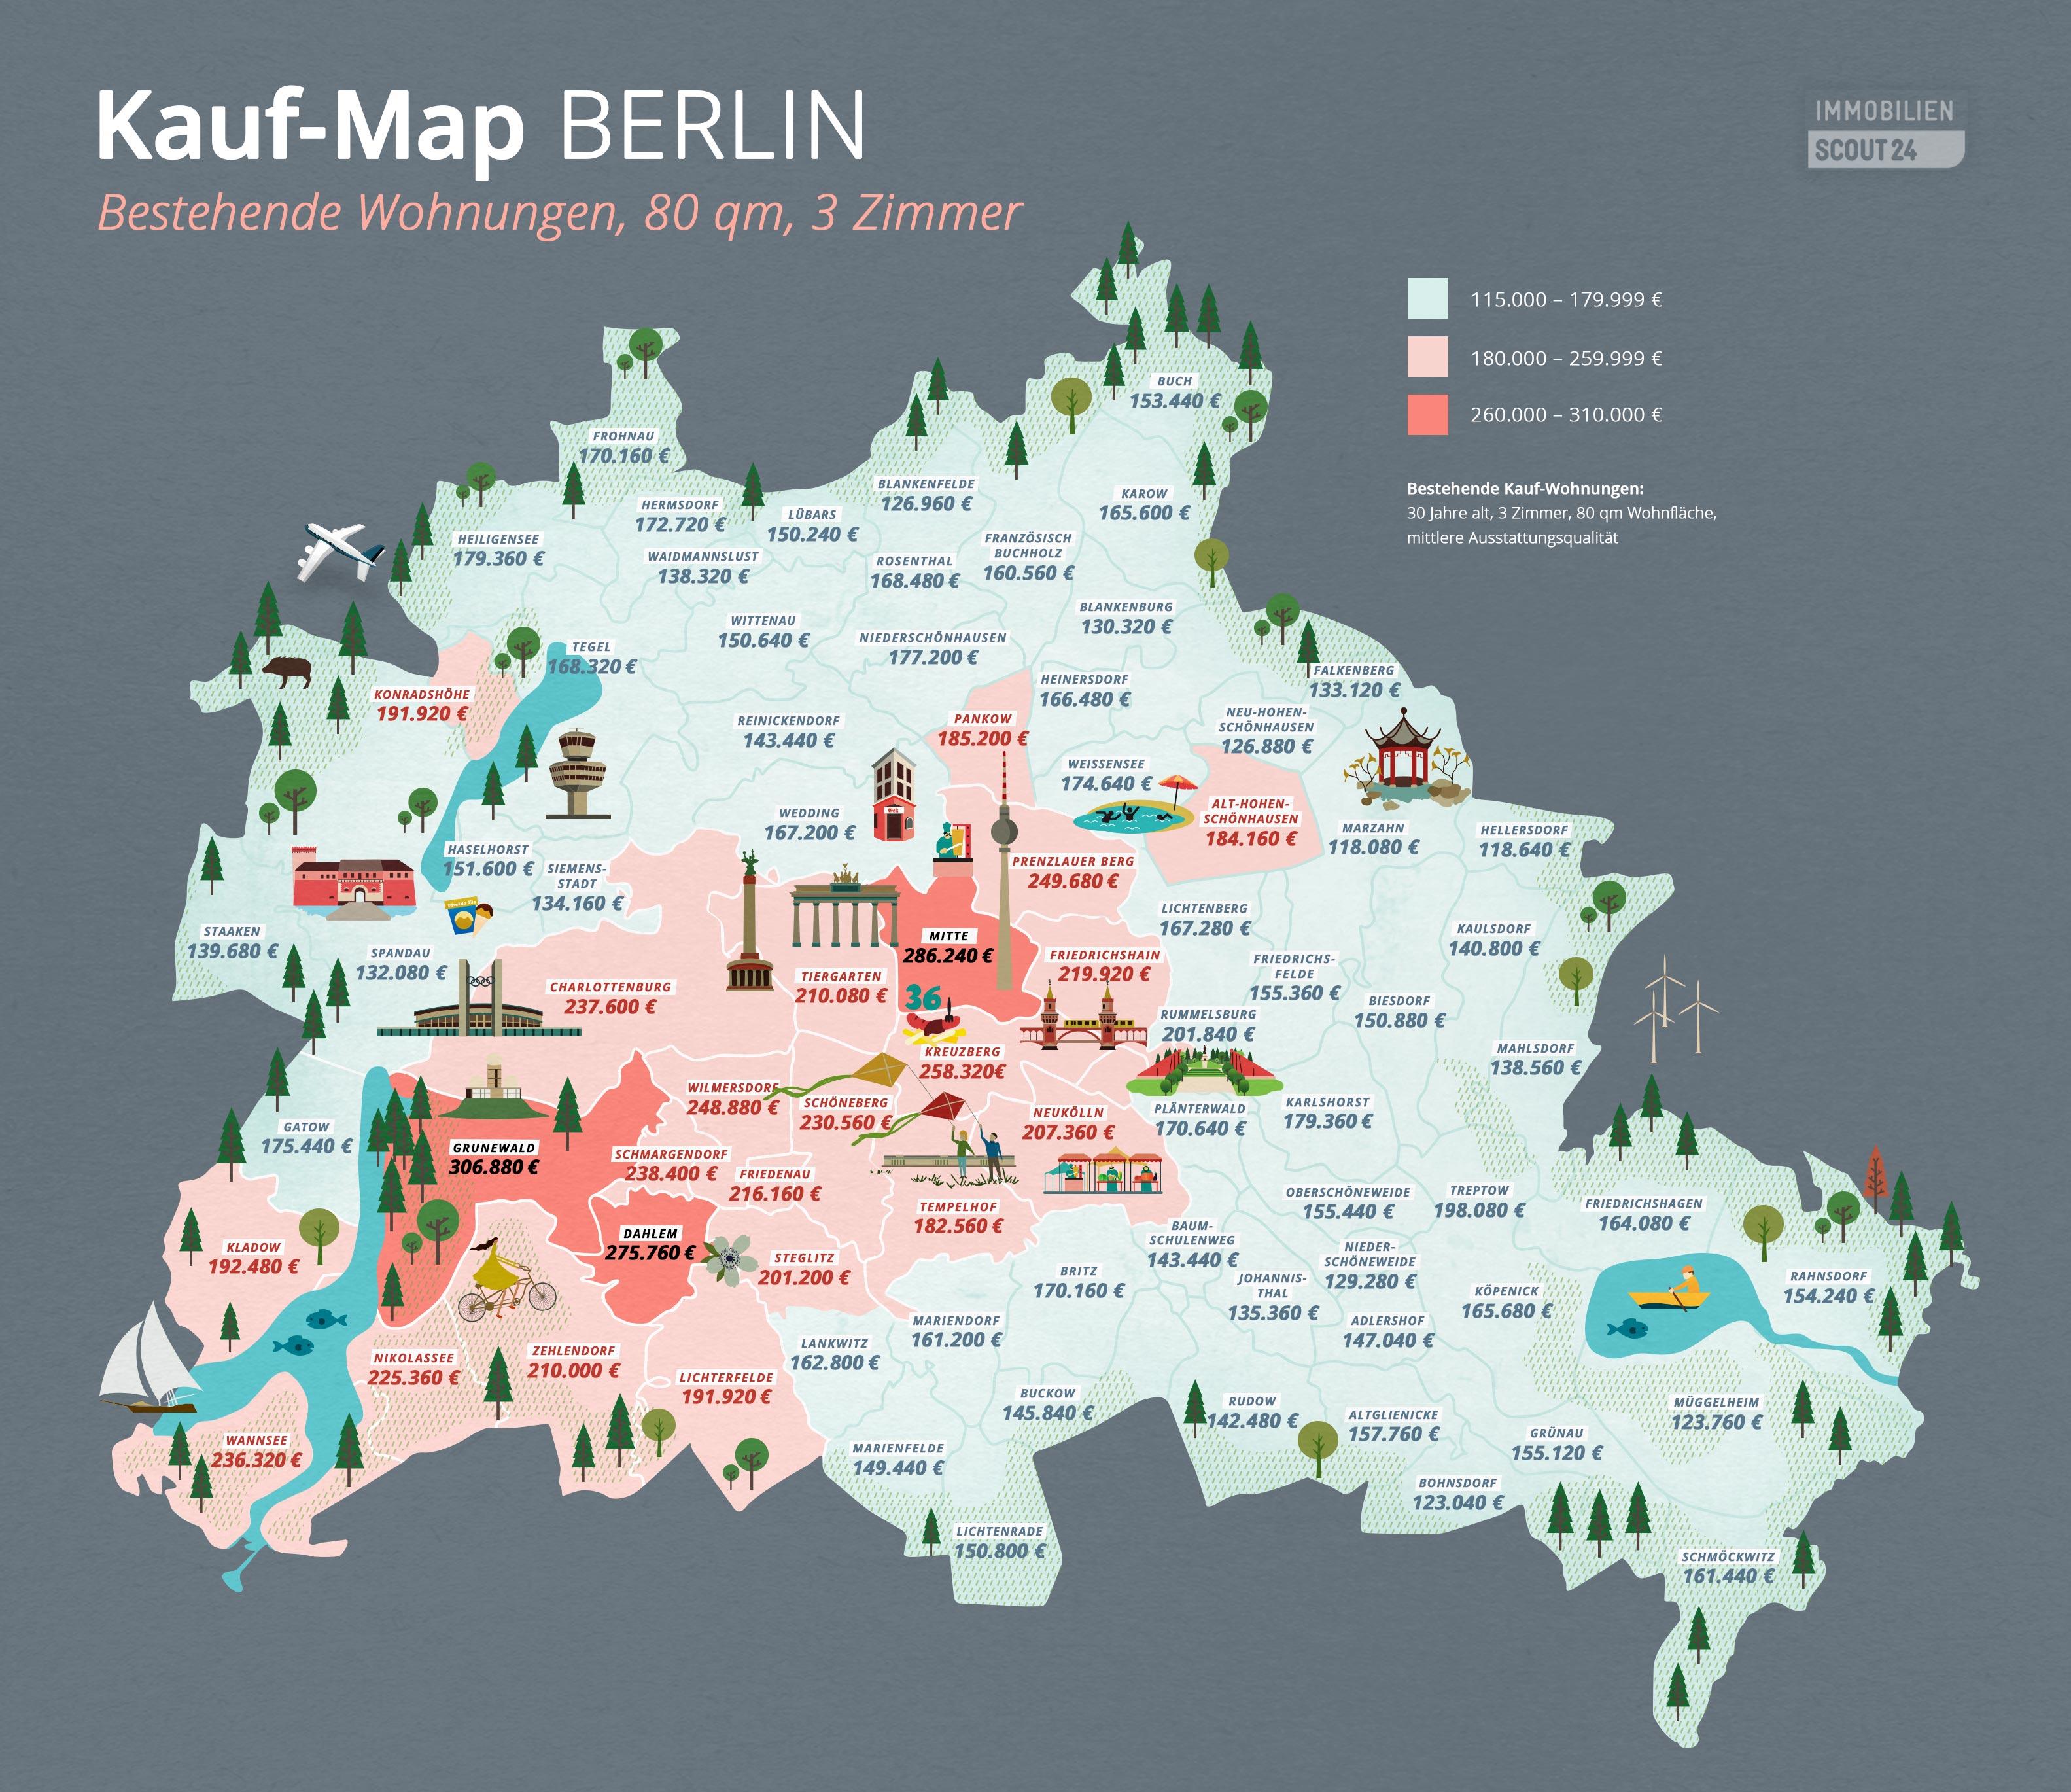 wohnungspreise in berlin kauf map 2016. Black Bedroom Furniture Sets. Home Design Ideas